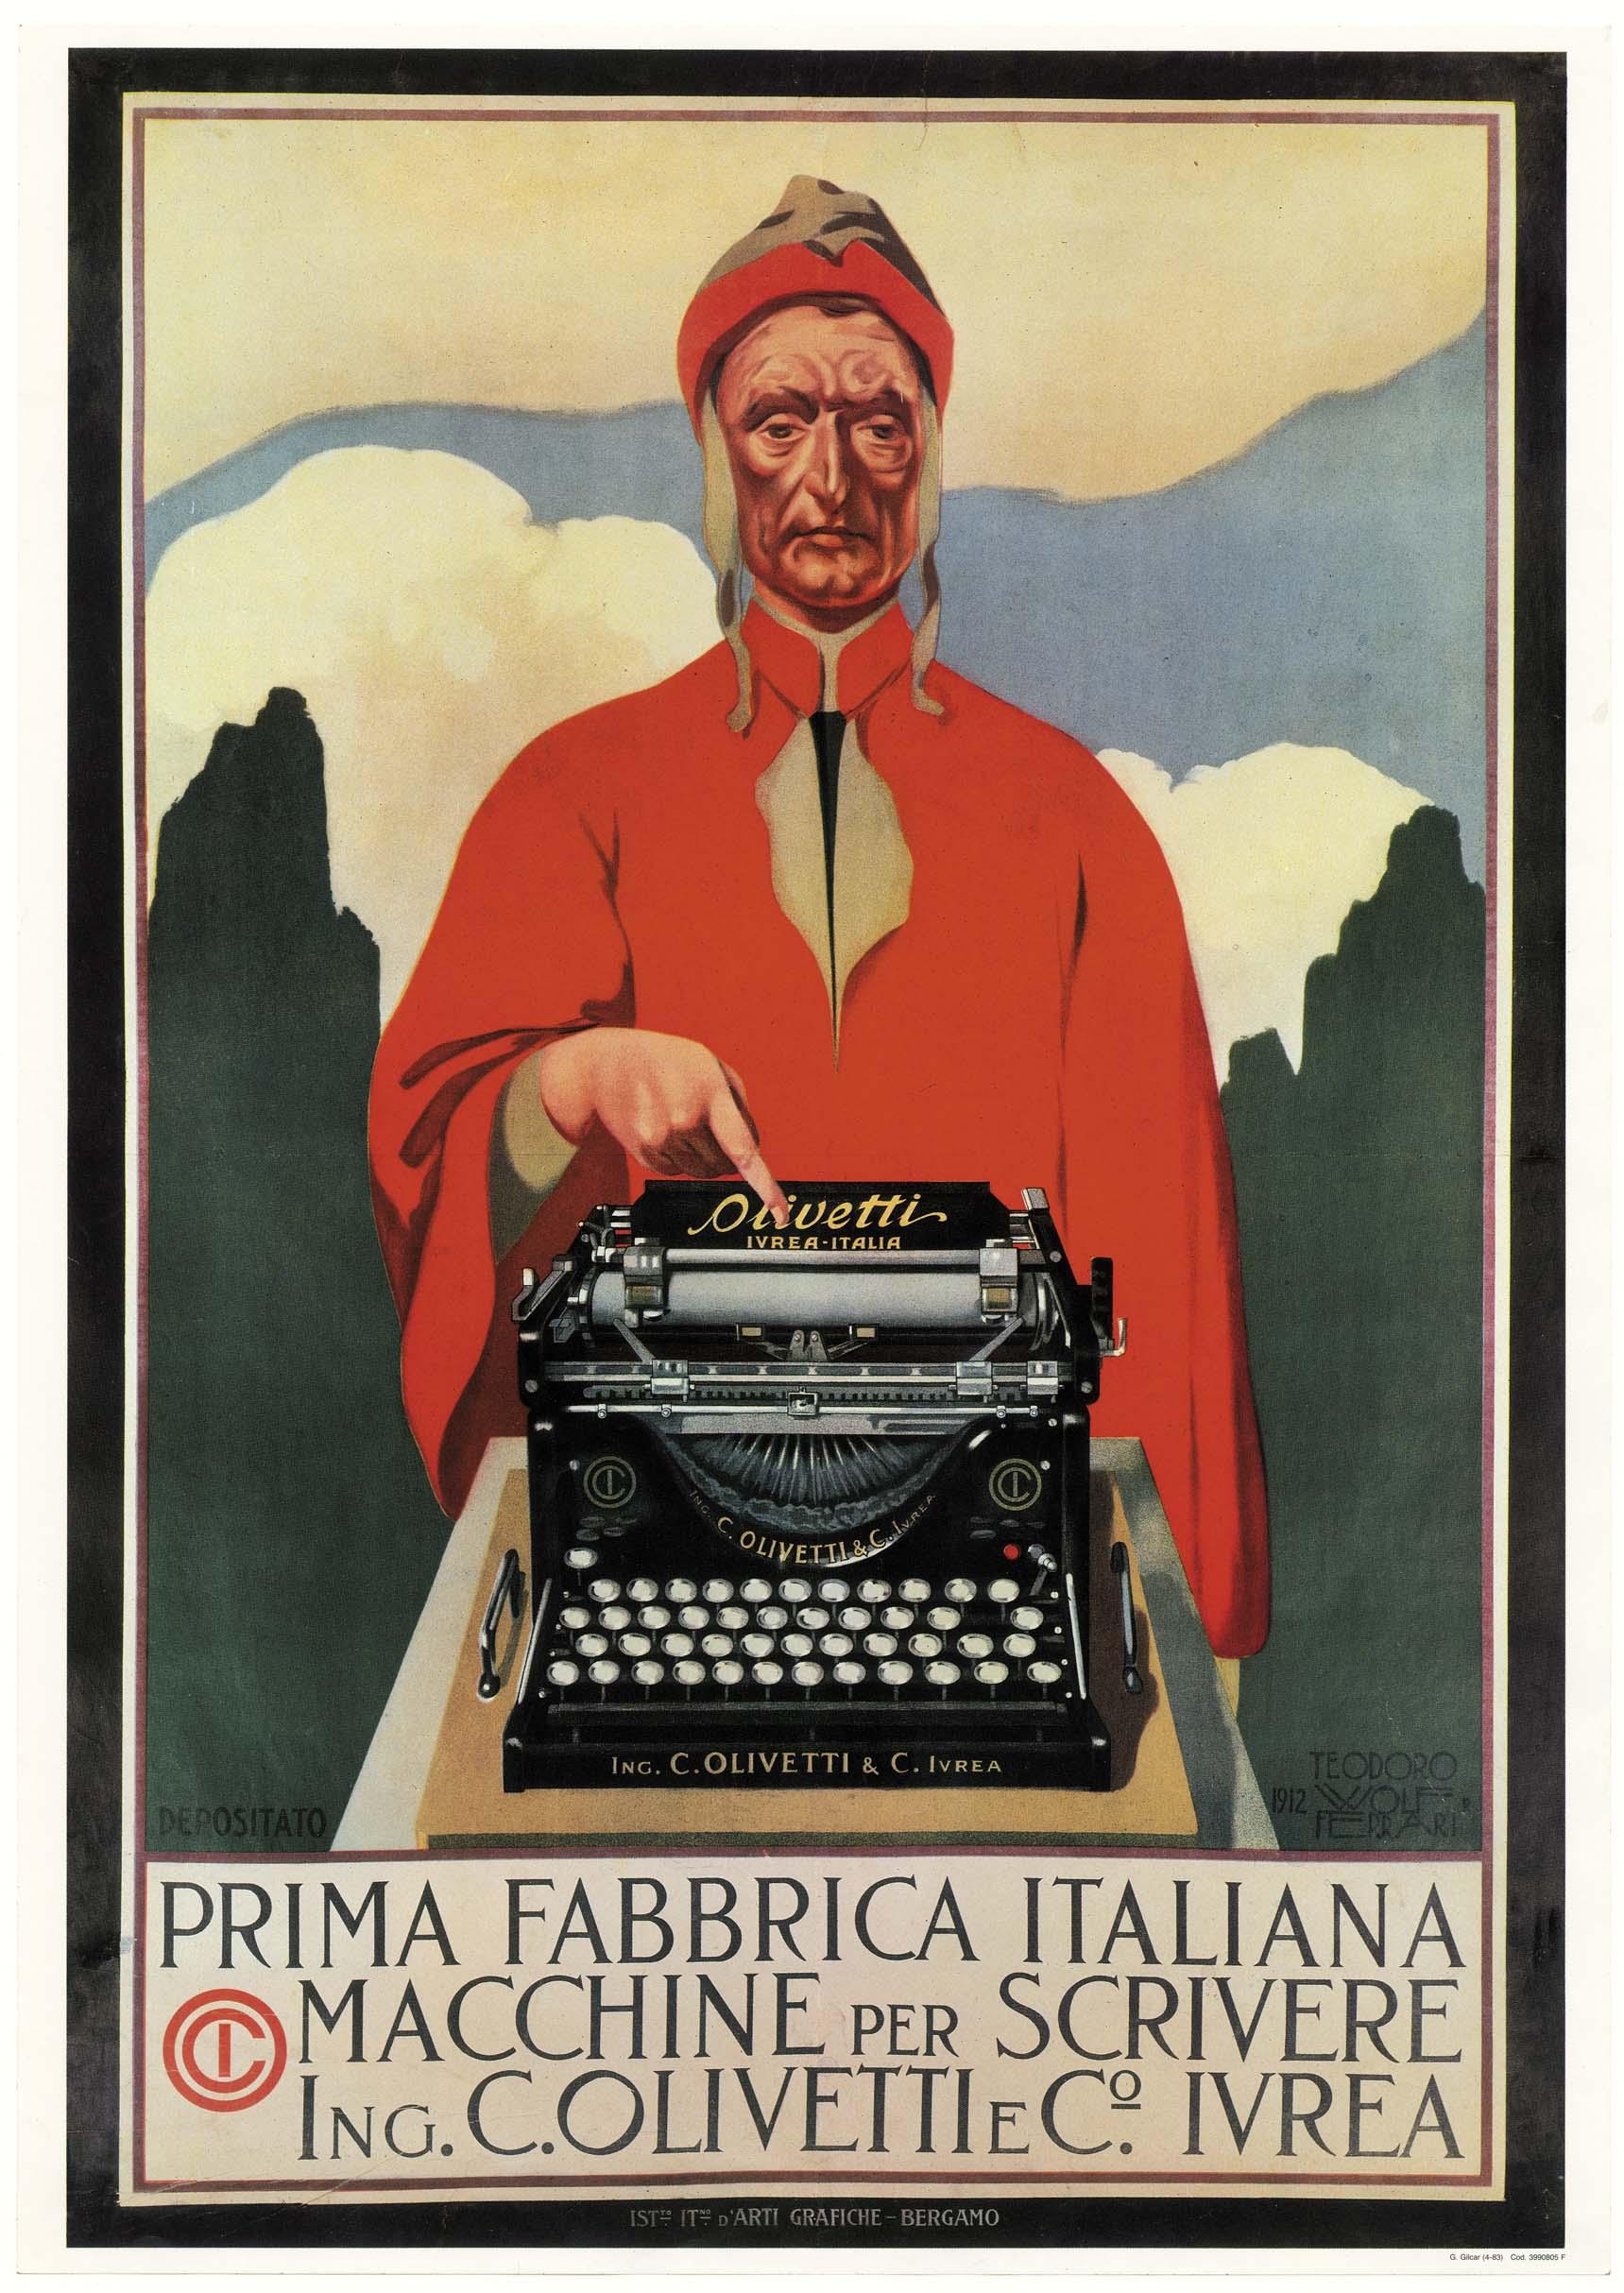 Prima Fabbrica Italiana macchine per scrivere